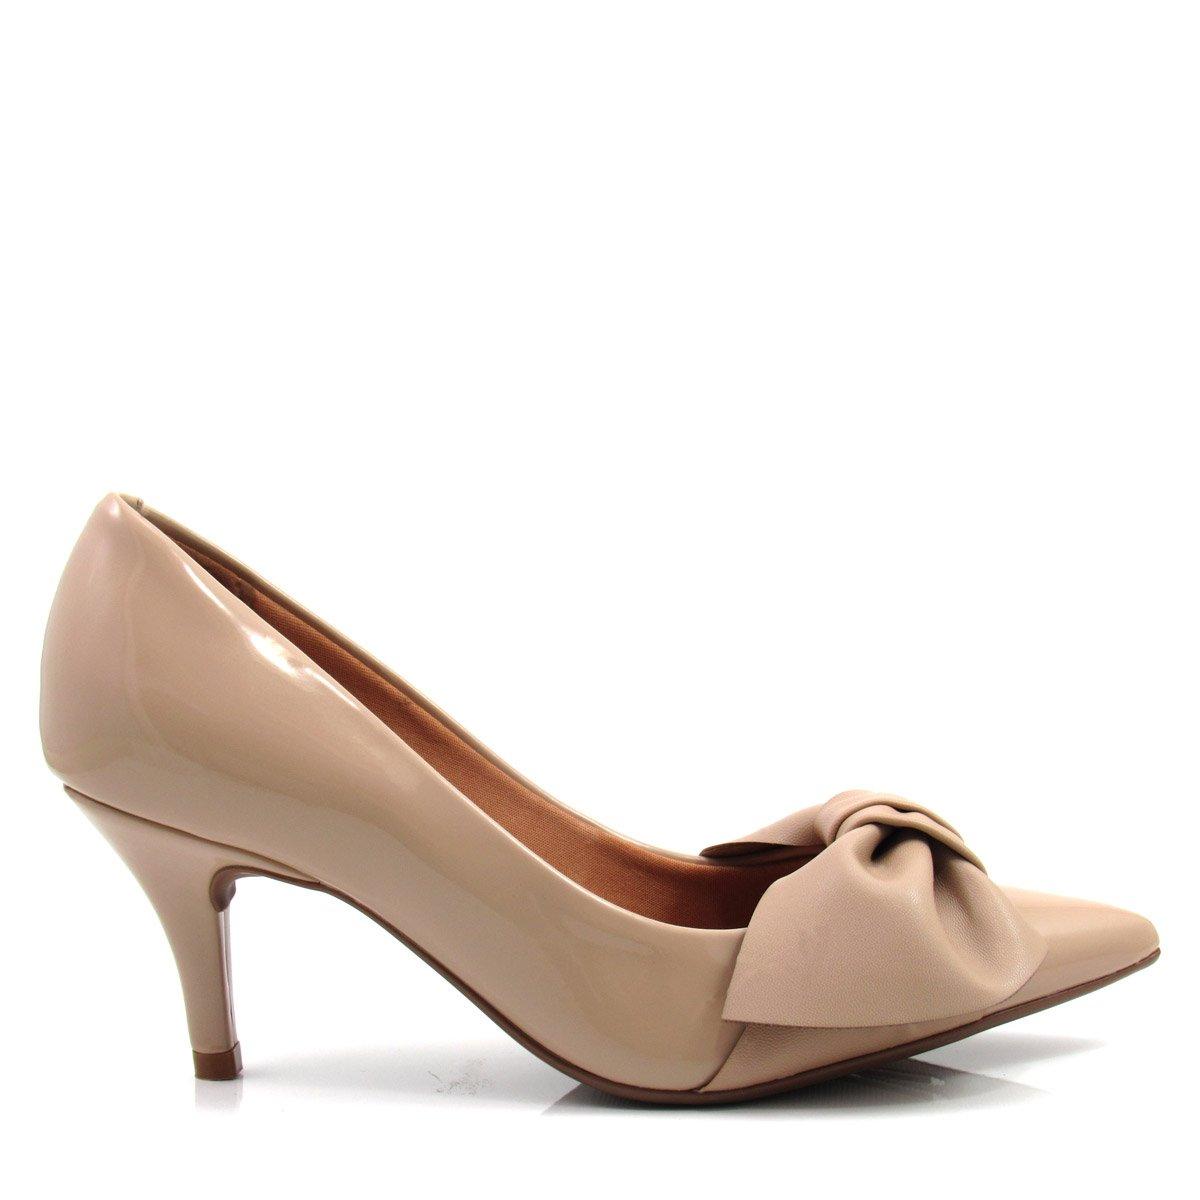 82742fc02 Sapato Scarpin Feminino Salto Fino Vizzano 1185151 Coleção 2018